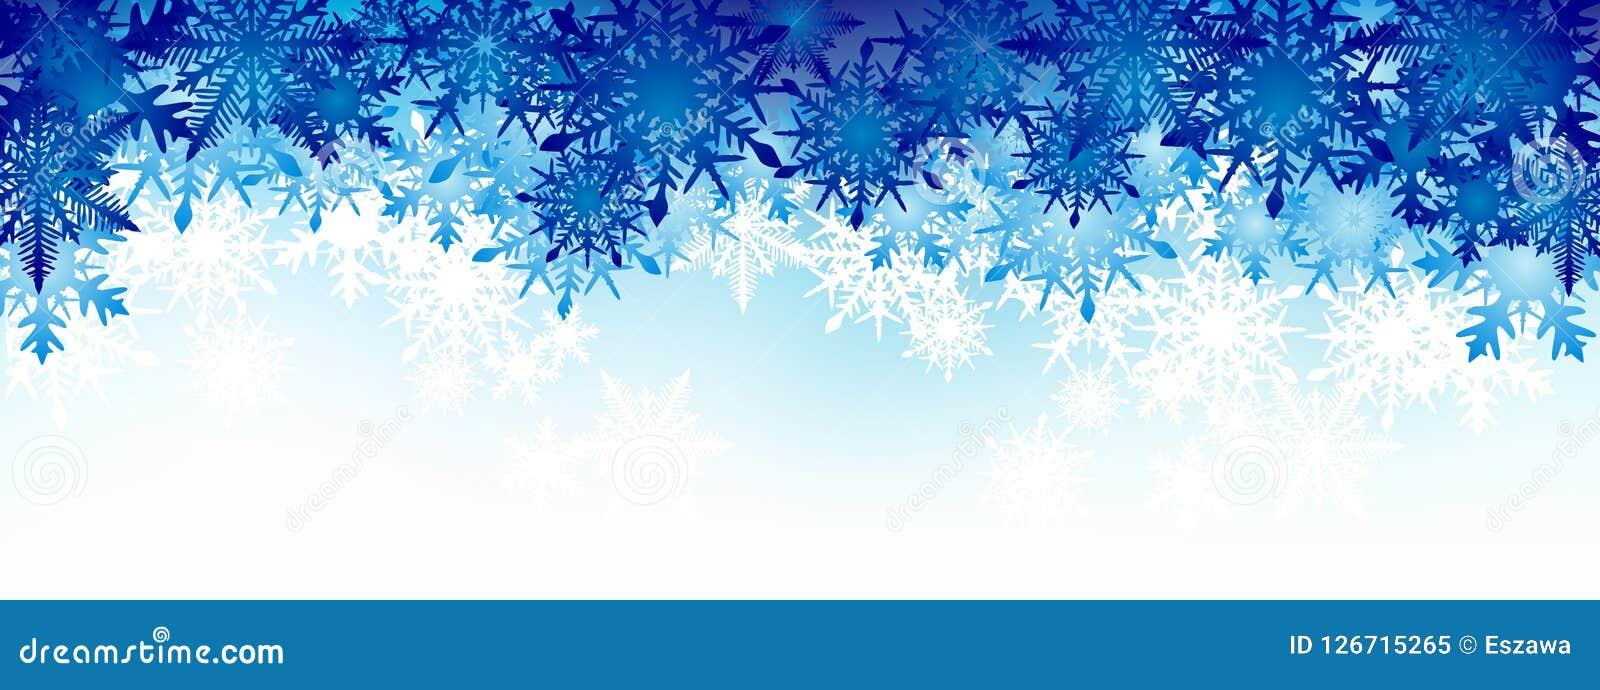 冬天背景,雪花-传染媒介例证